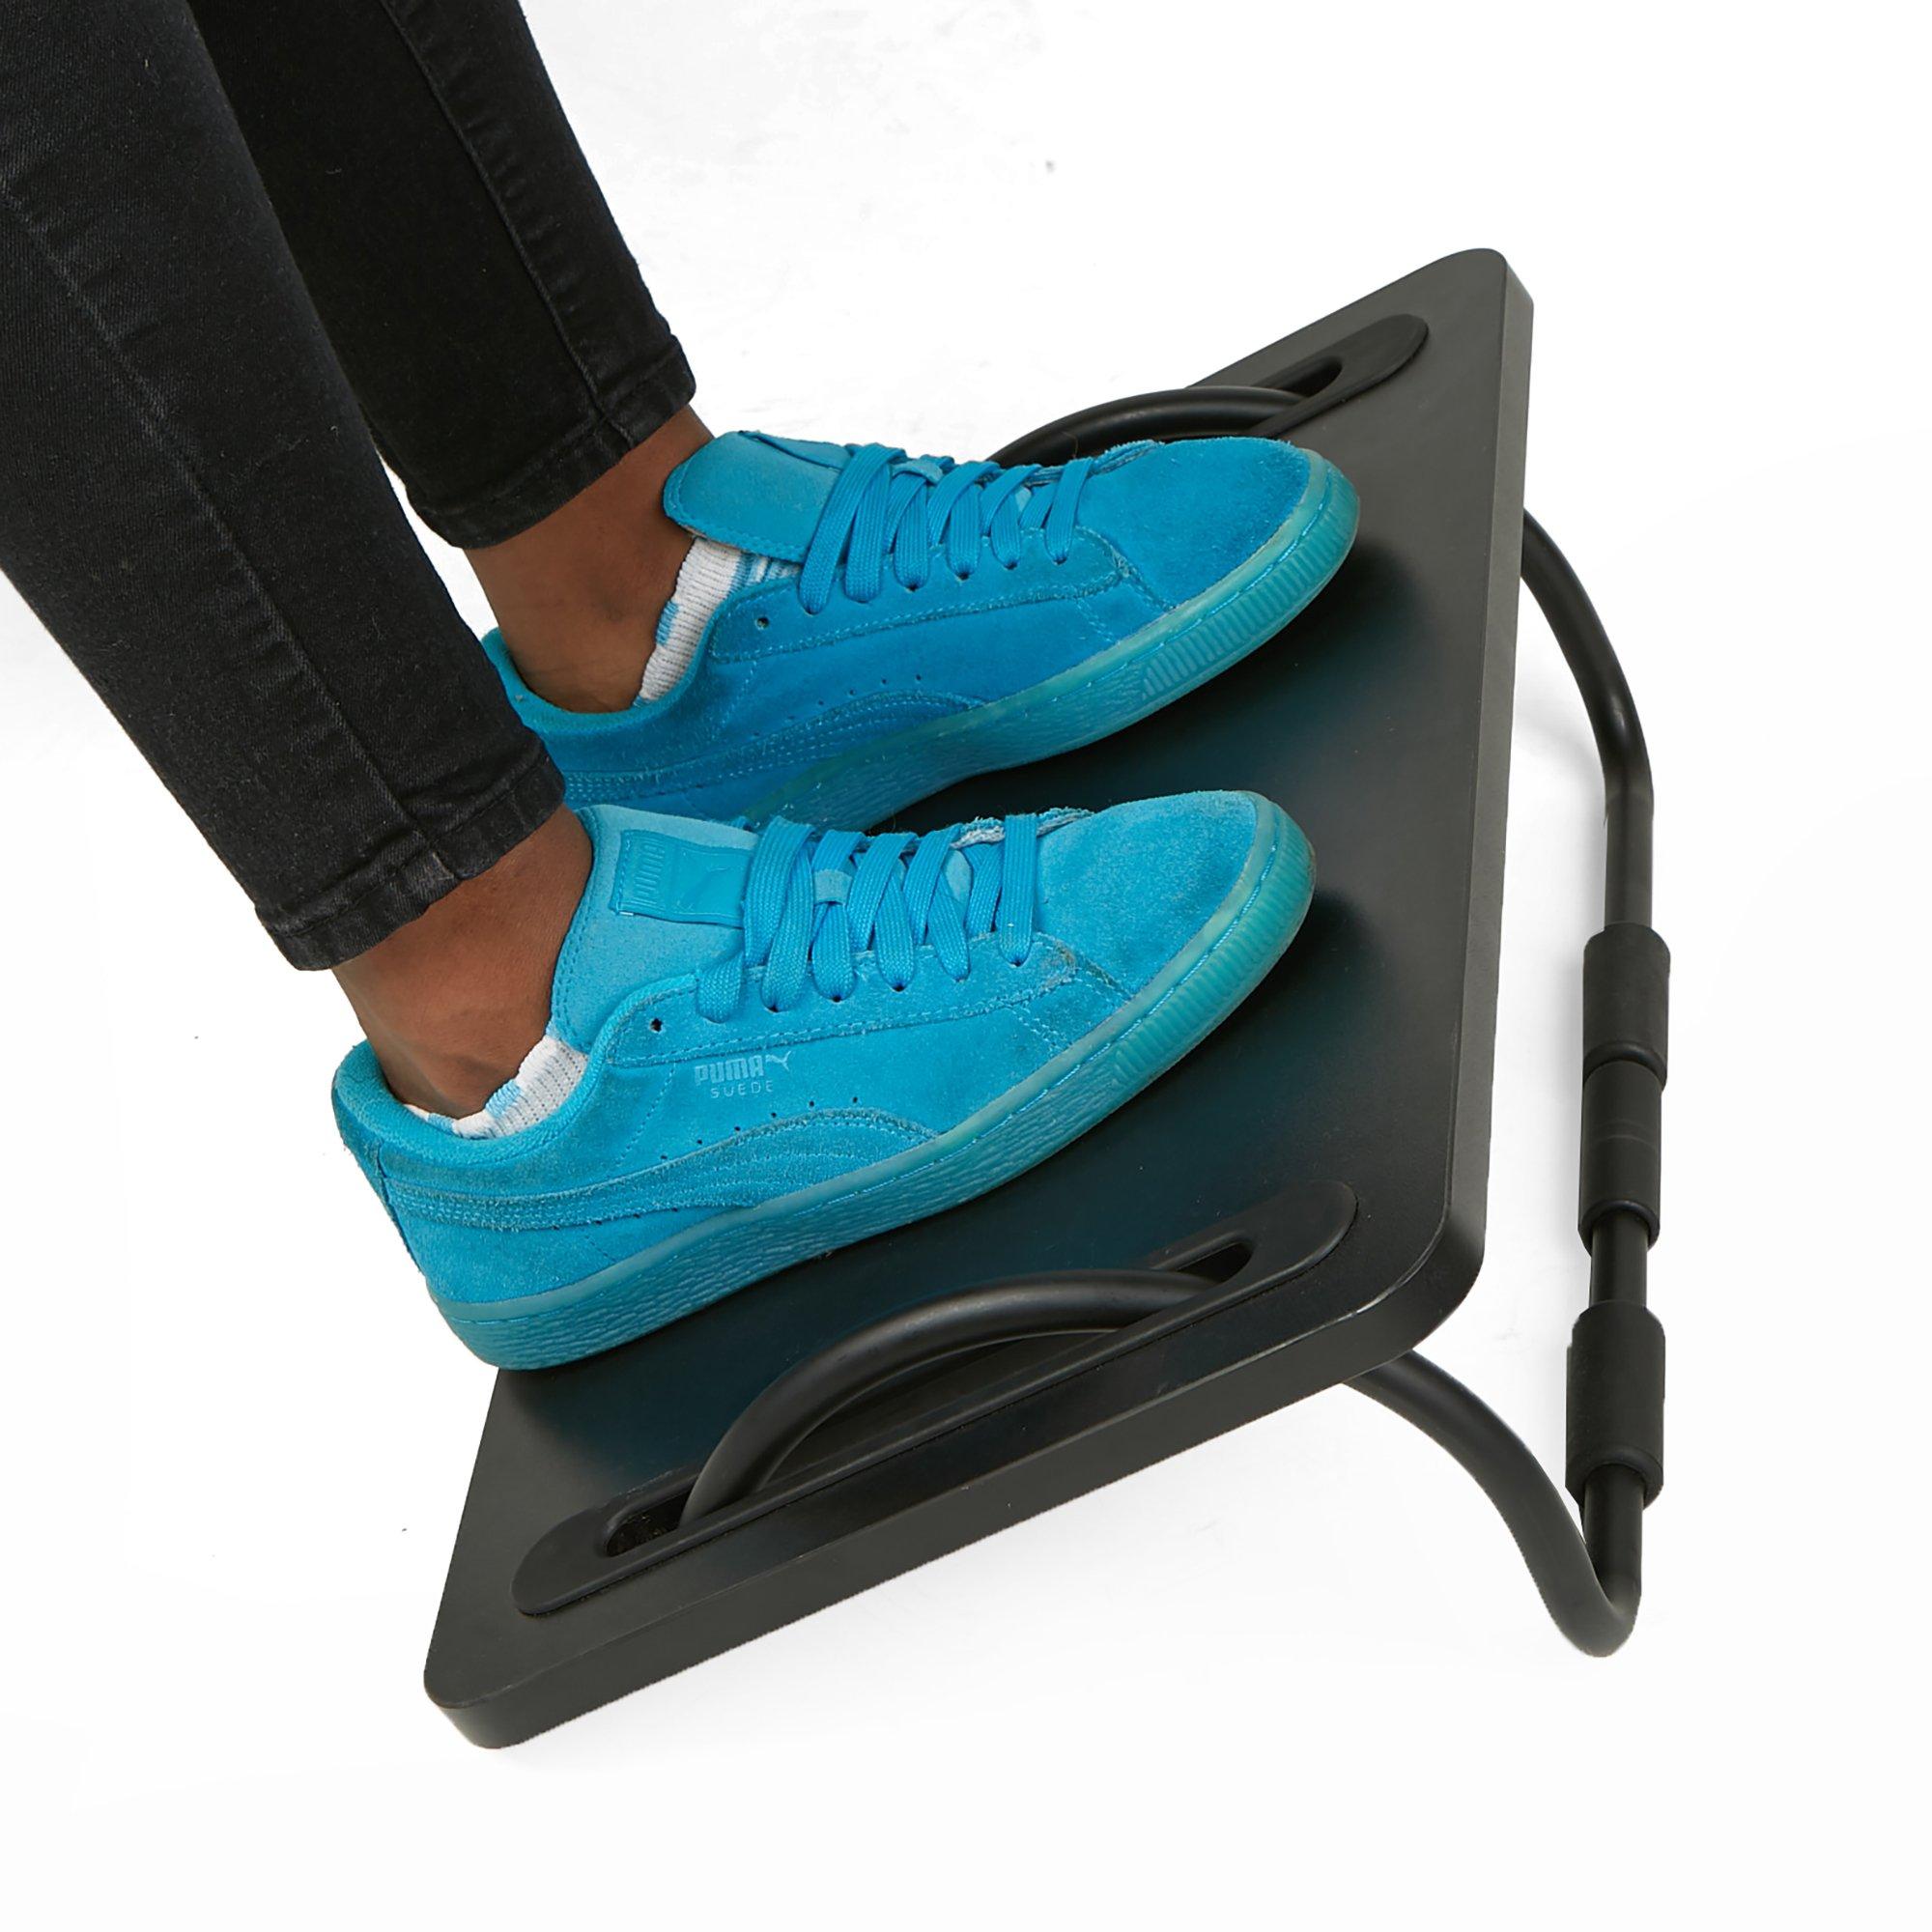 Mind Reader FTILT-BLK Tilting Ergonomic Foot Rest, Smooth Surface, Adjustable Angles, Black by Mind Reader